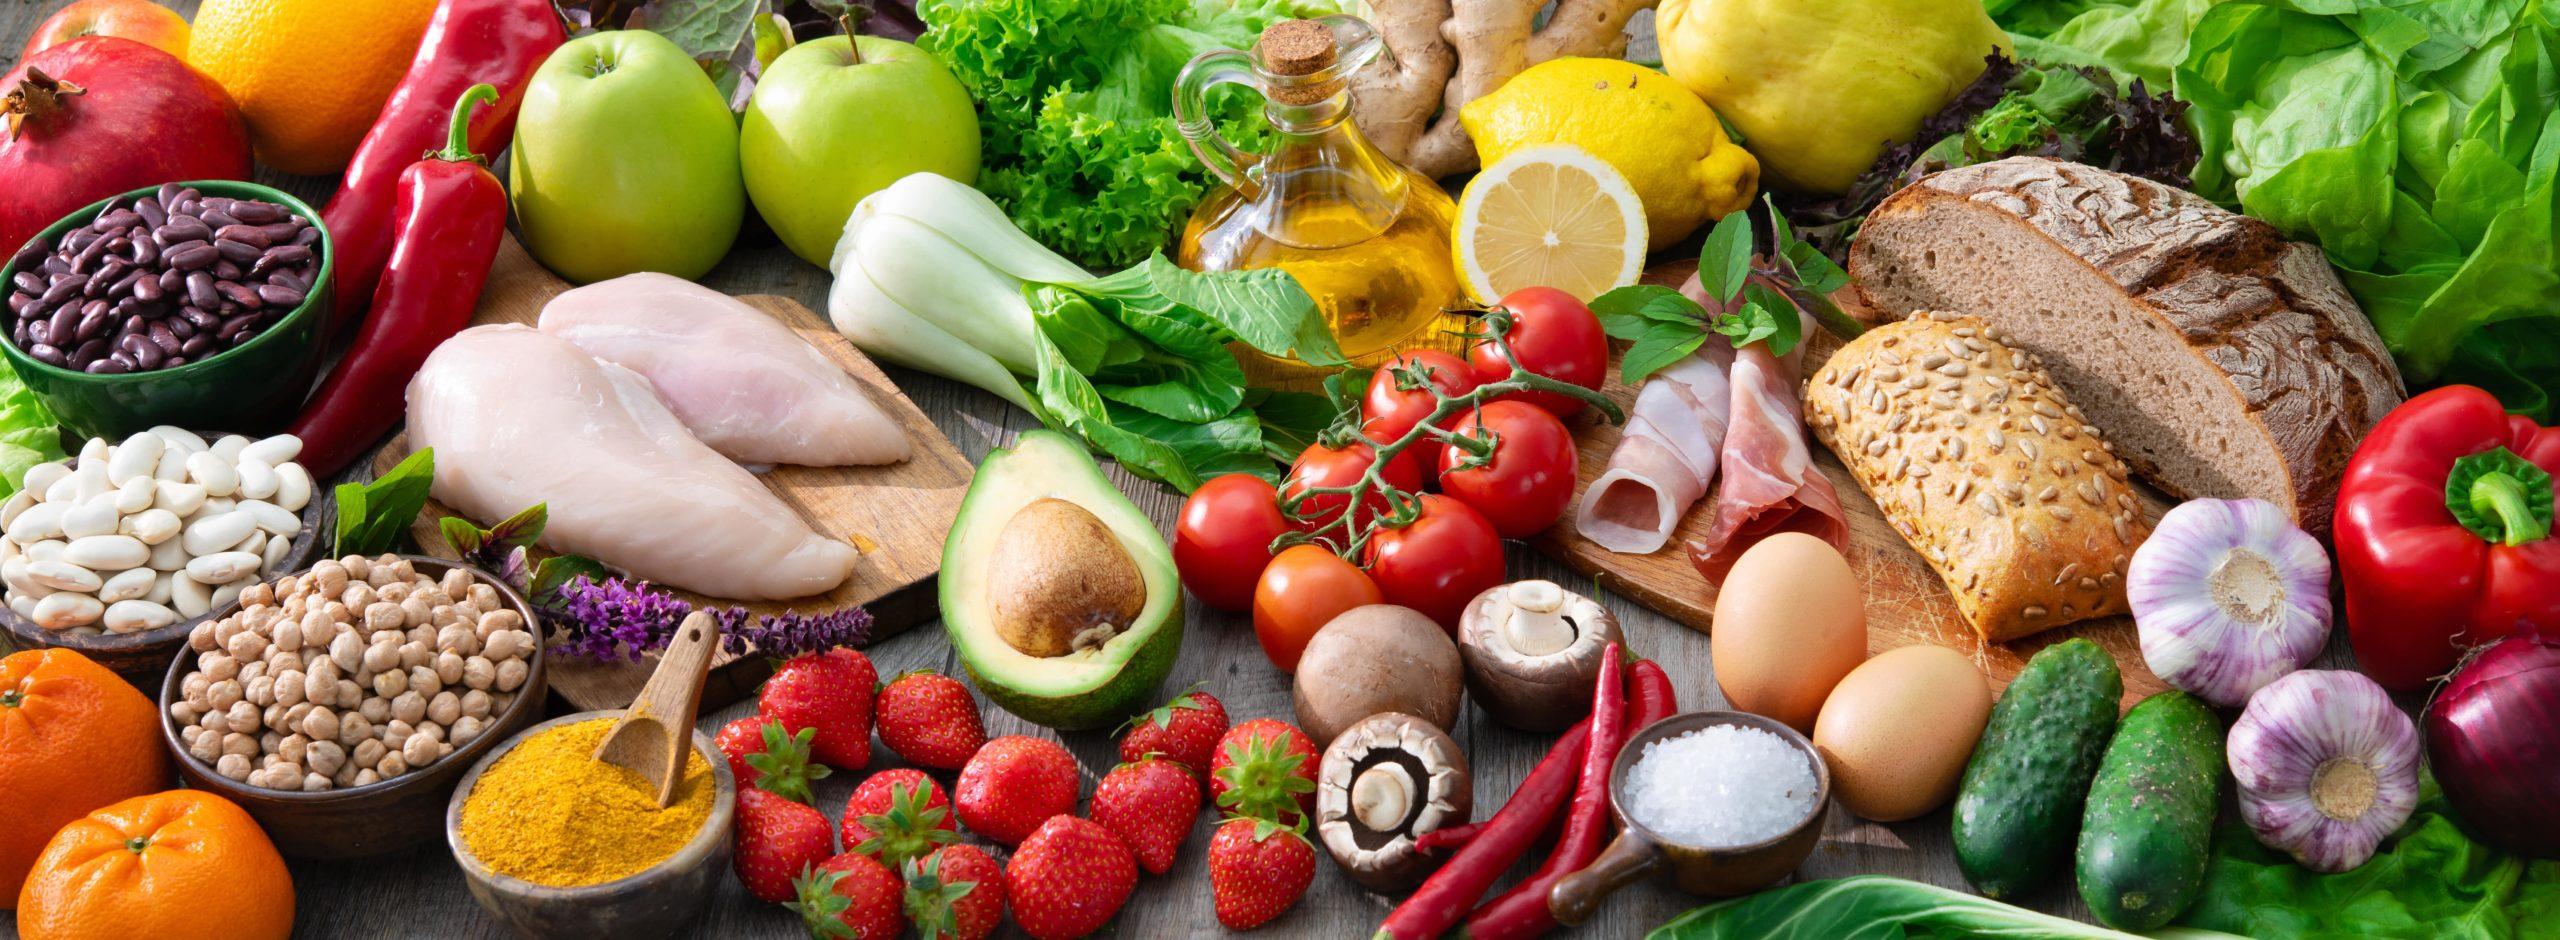 Concentration en protéines, glucides et lipides dans les ...